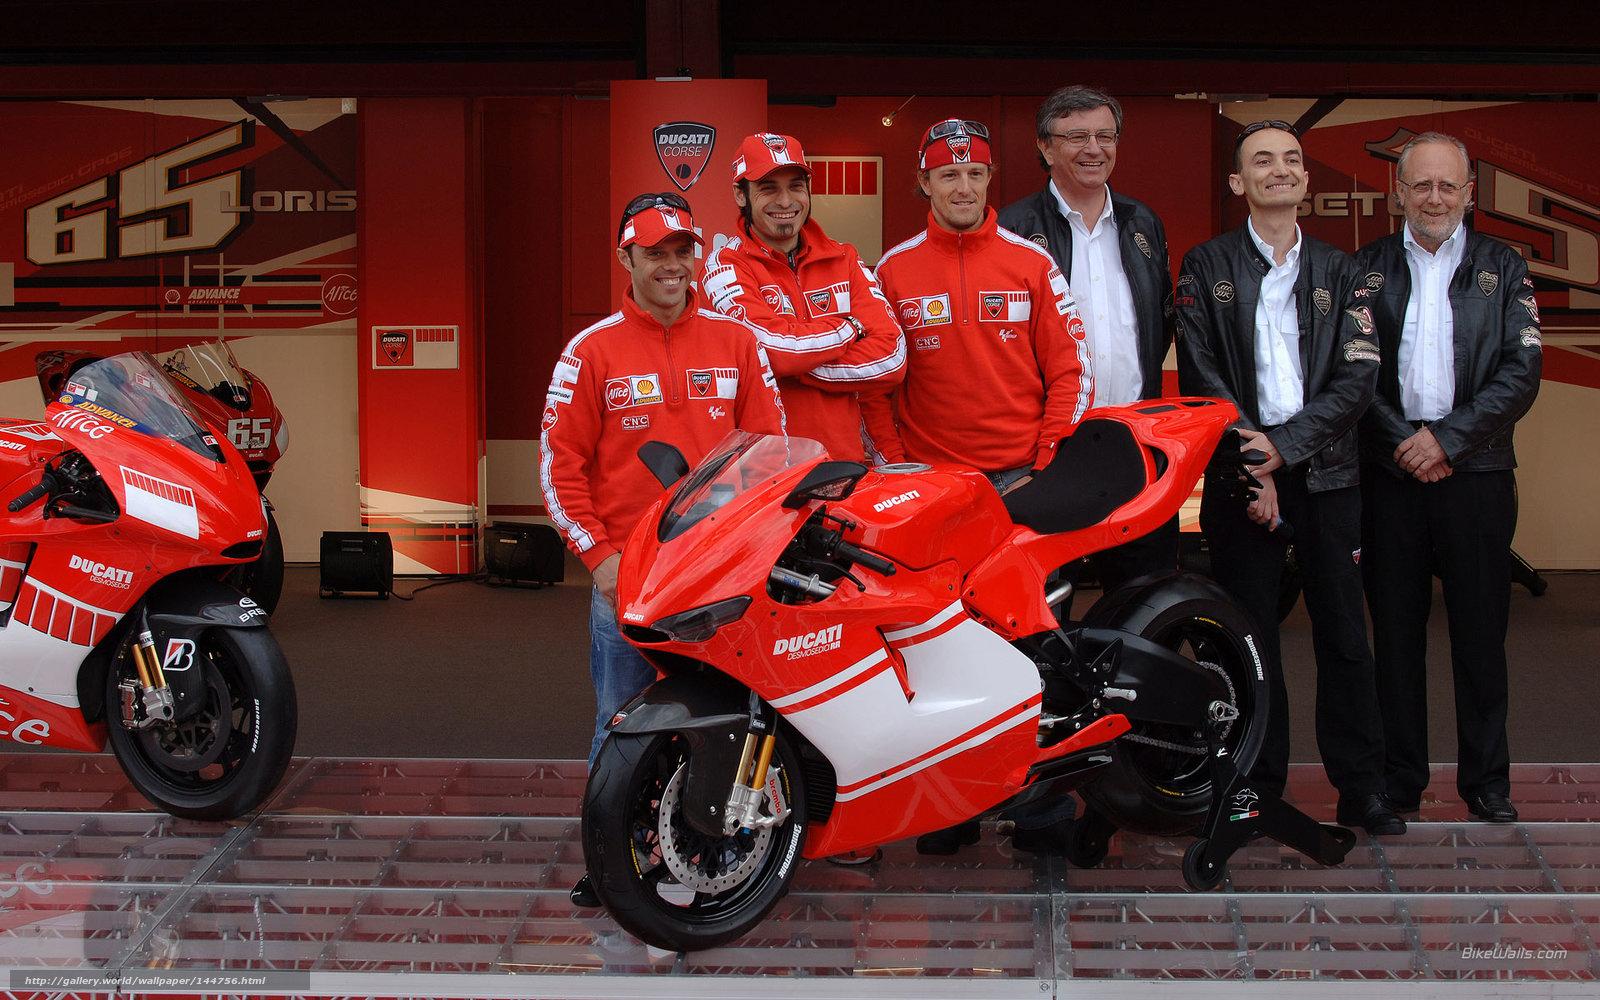 Скачать обои Ducati,  Superbike,  Desmosedici RR,  Desmosedici RR 2006 бесплатно для рабочего стола в разрешении 1920x1200 — картинка №144756